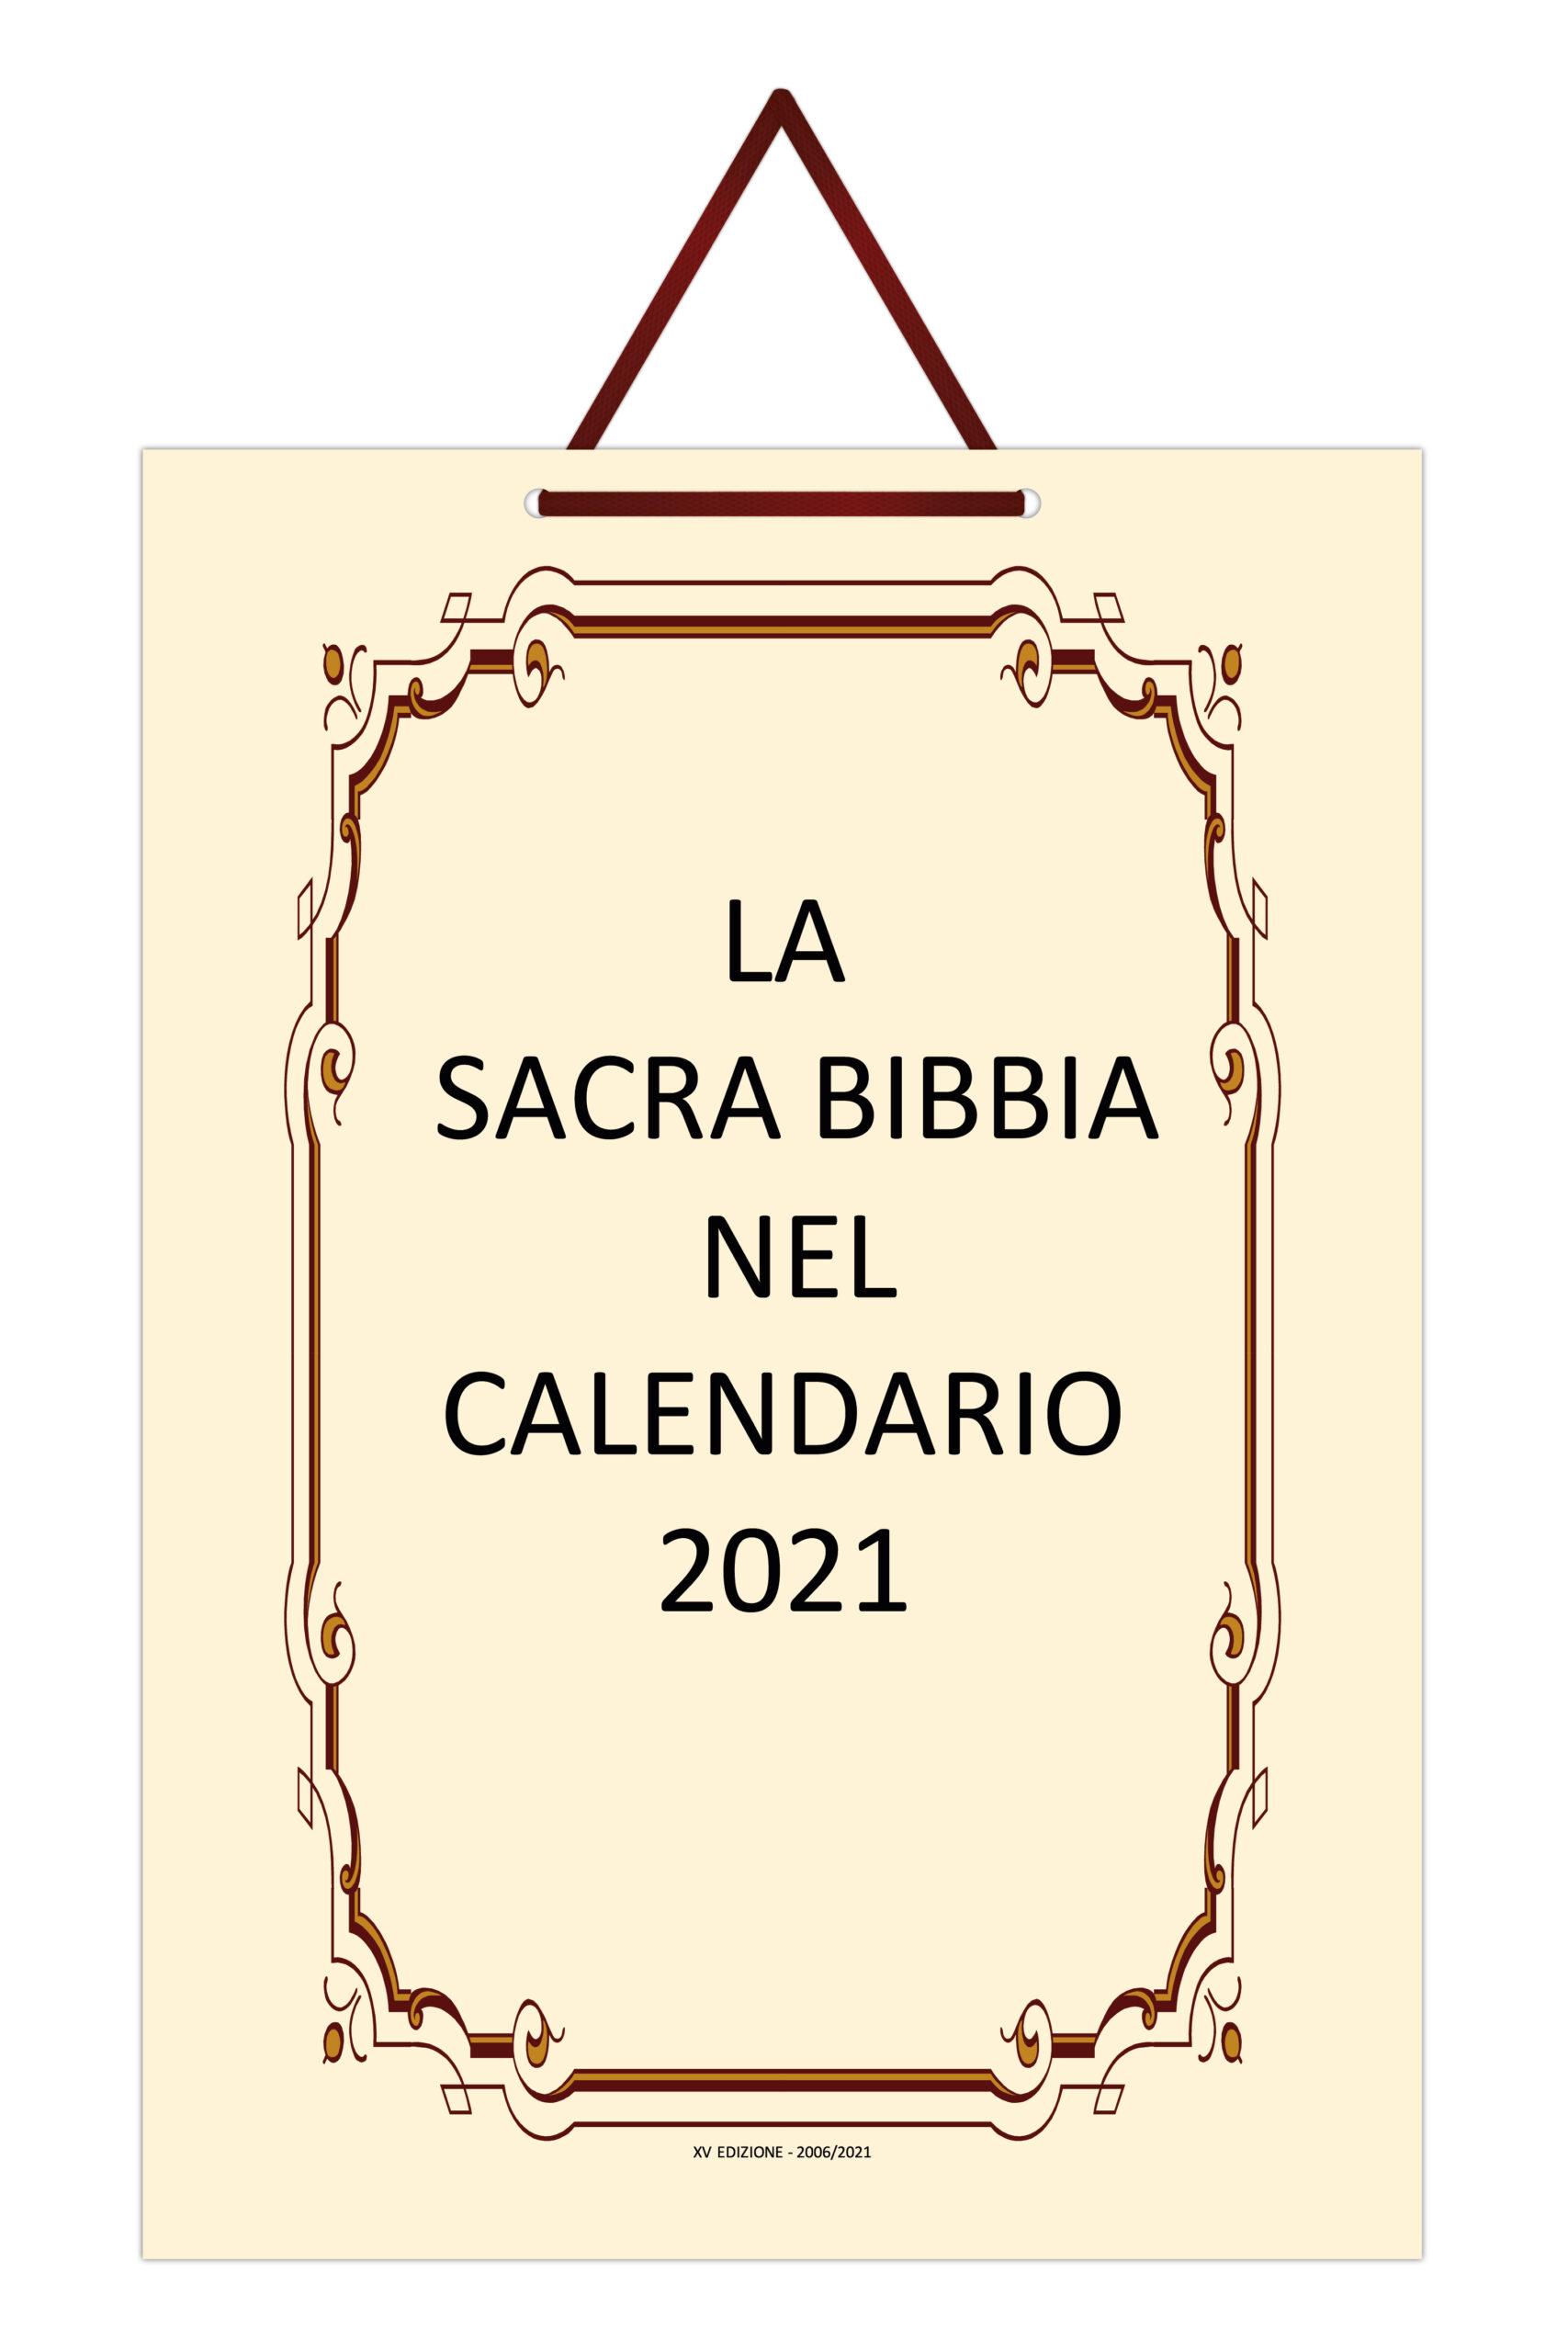 La Sacra Bibbia nel Calendario 2021